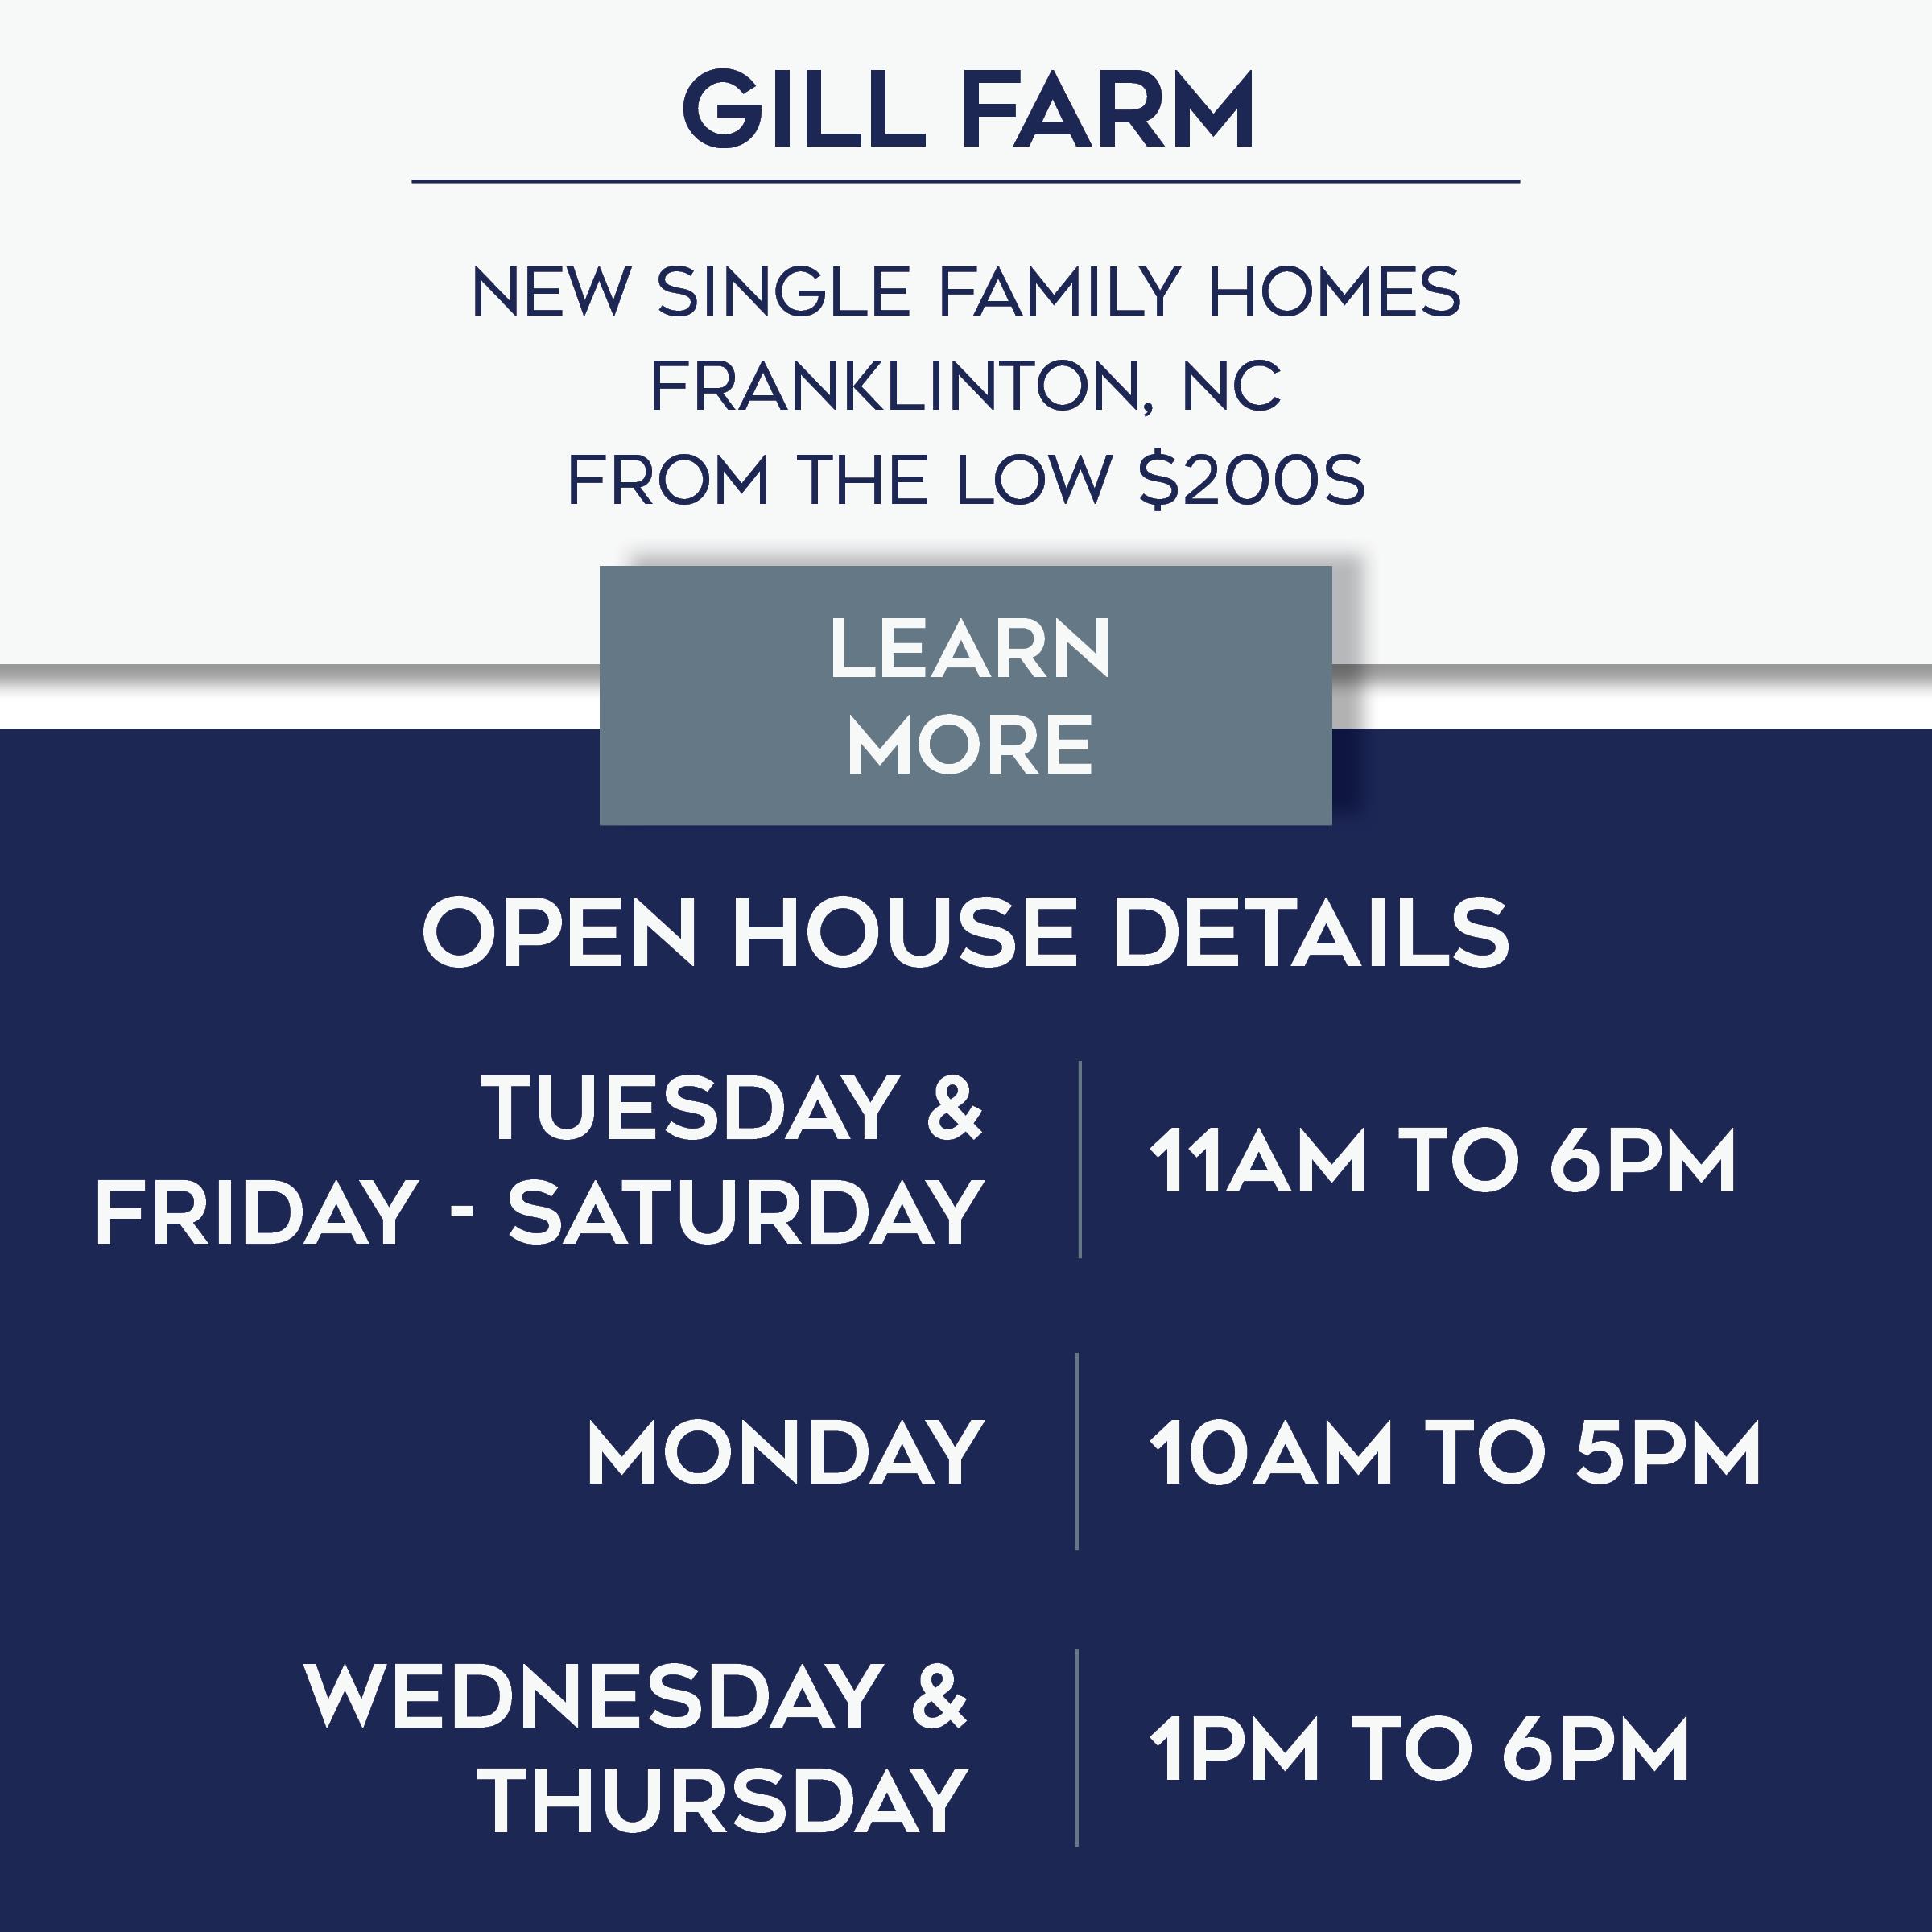 Gill Farm Open House